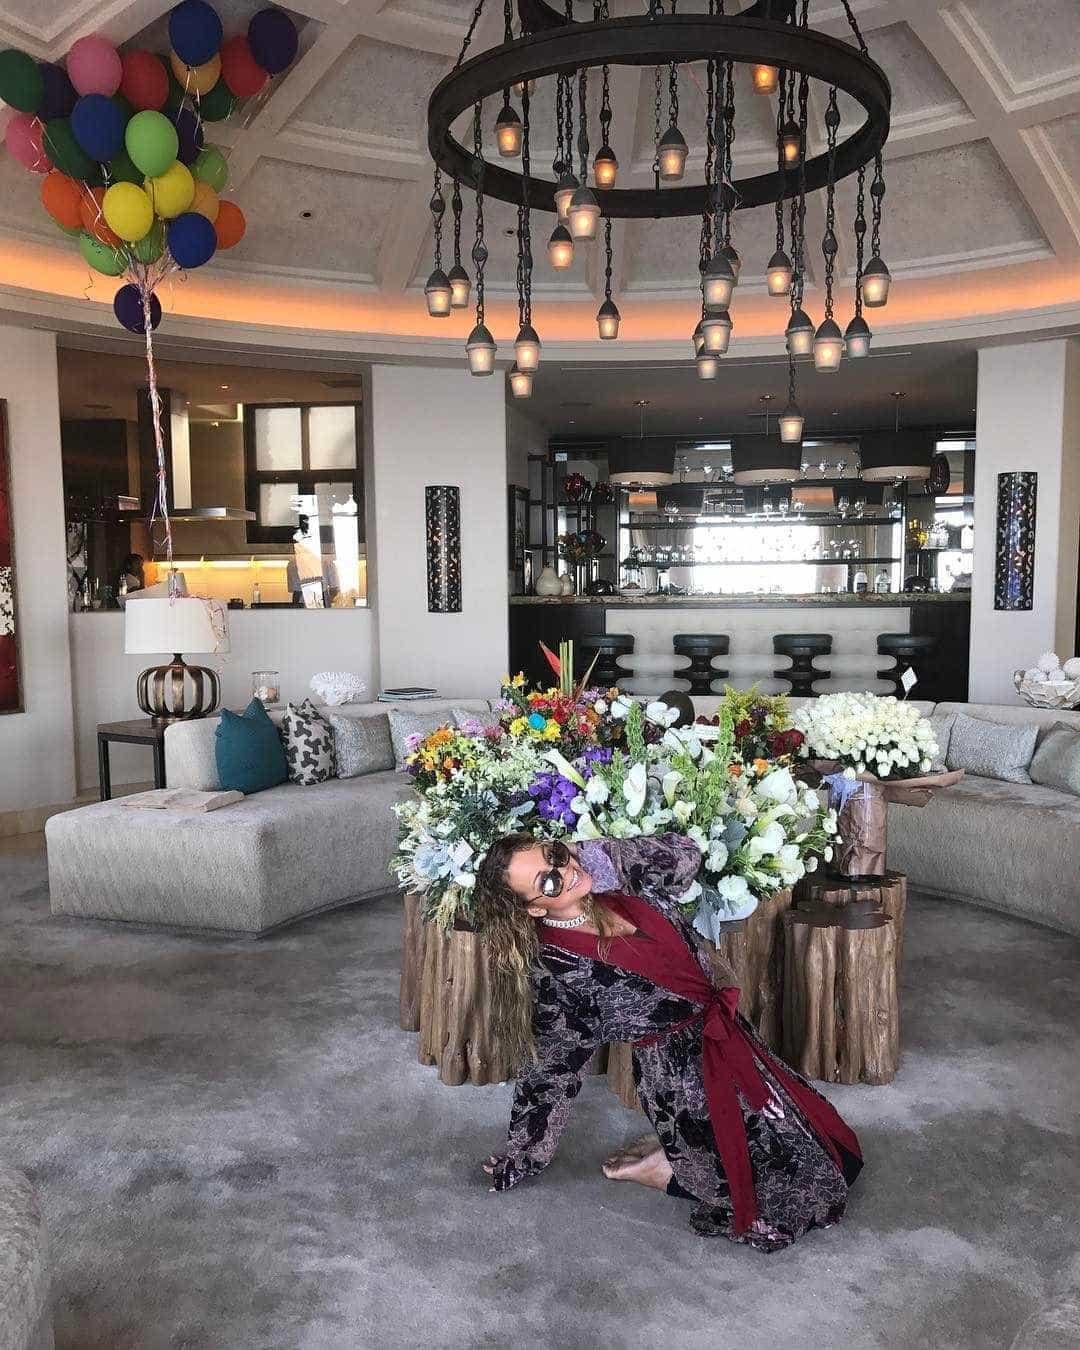 Mariah Carey está a comemorar os 47.º aniversário nesta luxuosa mansão